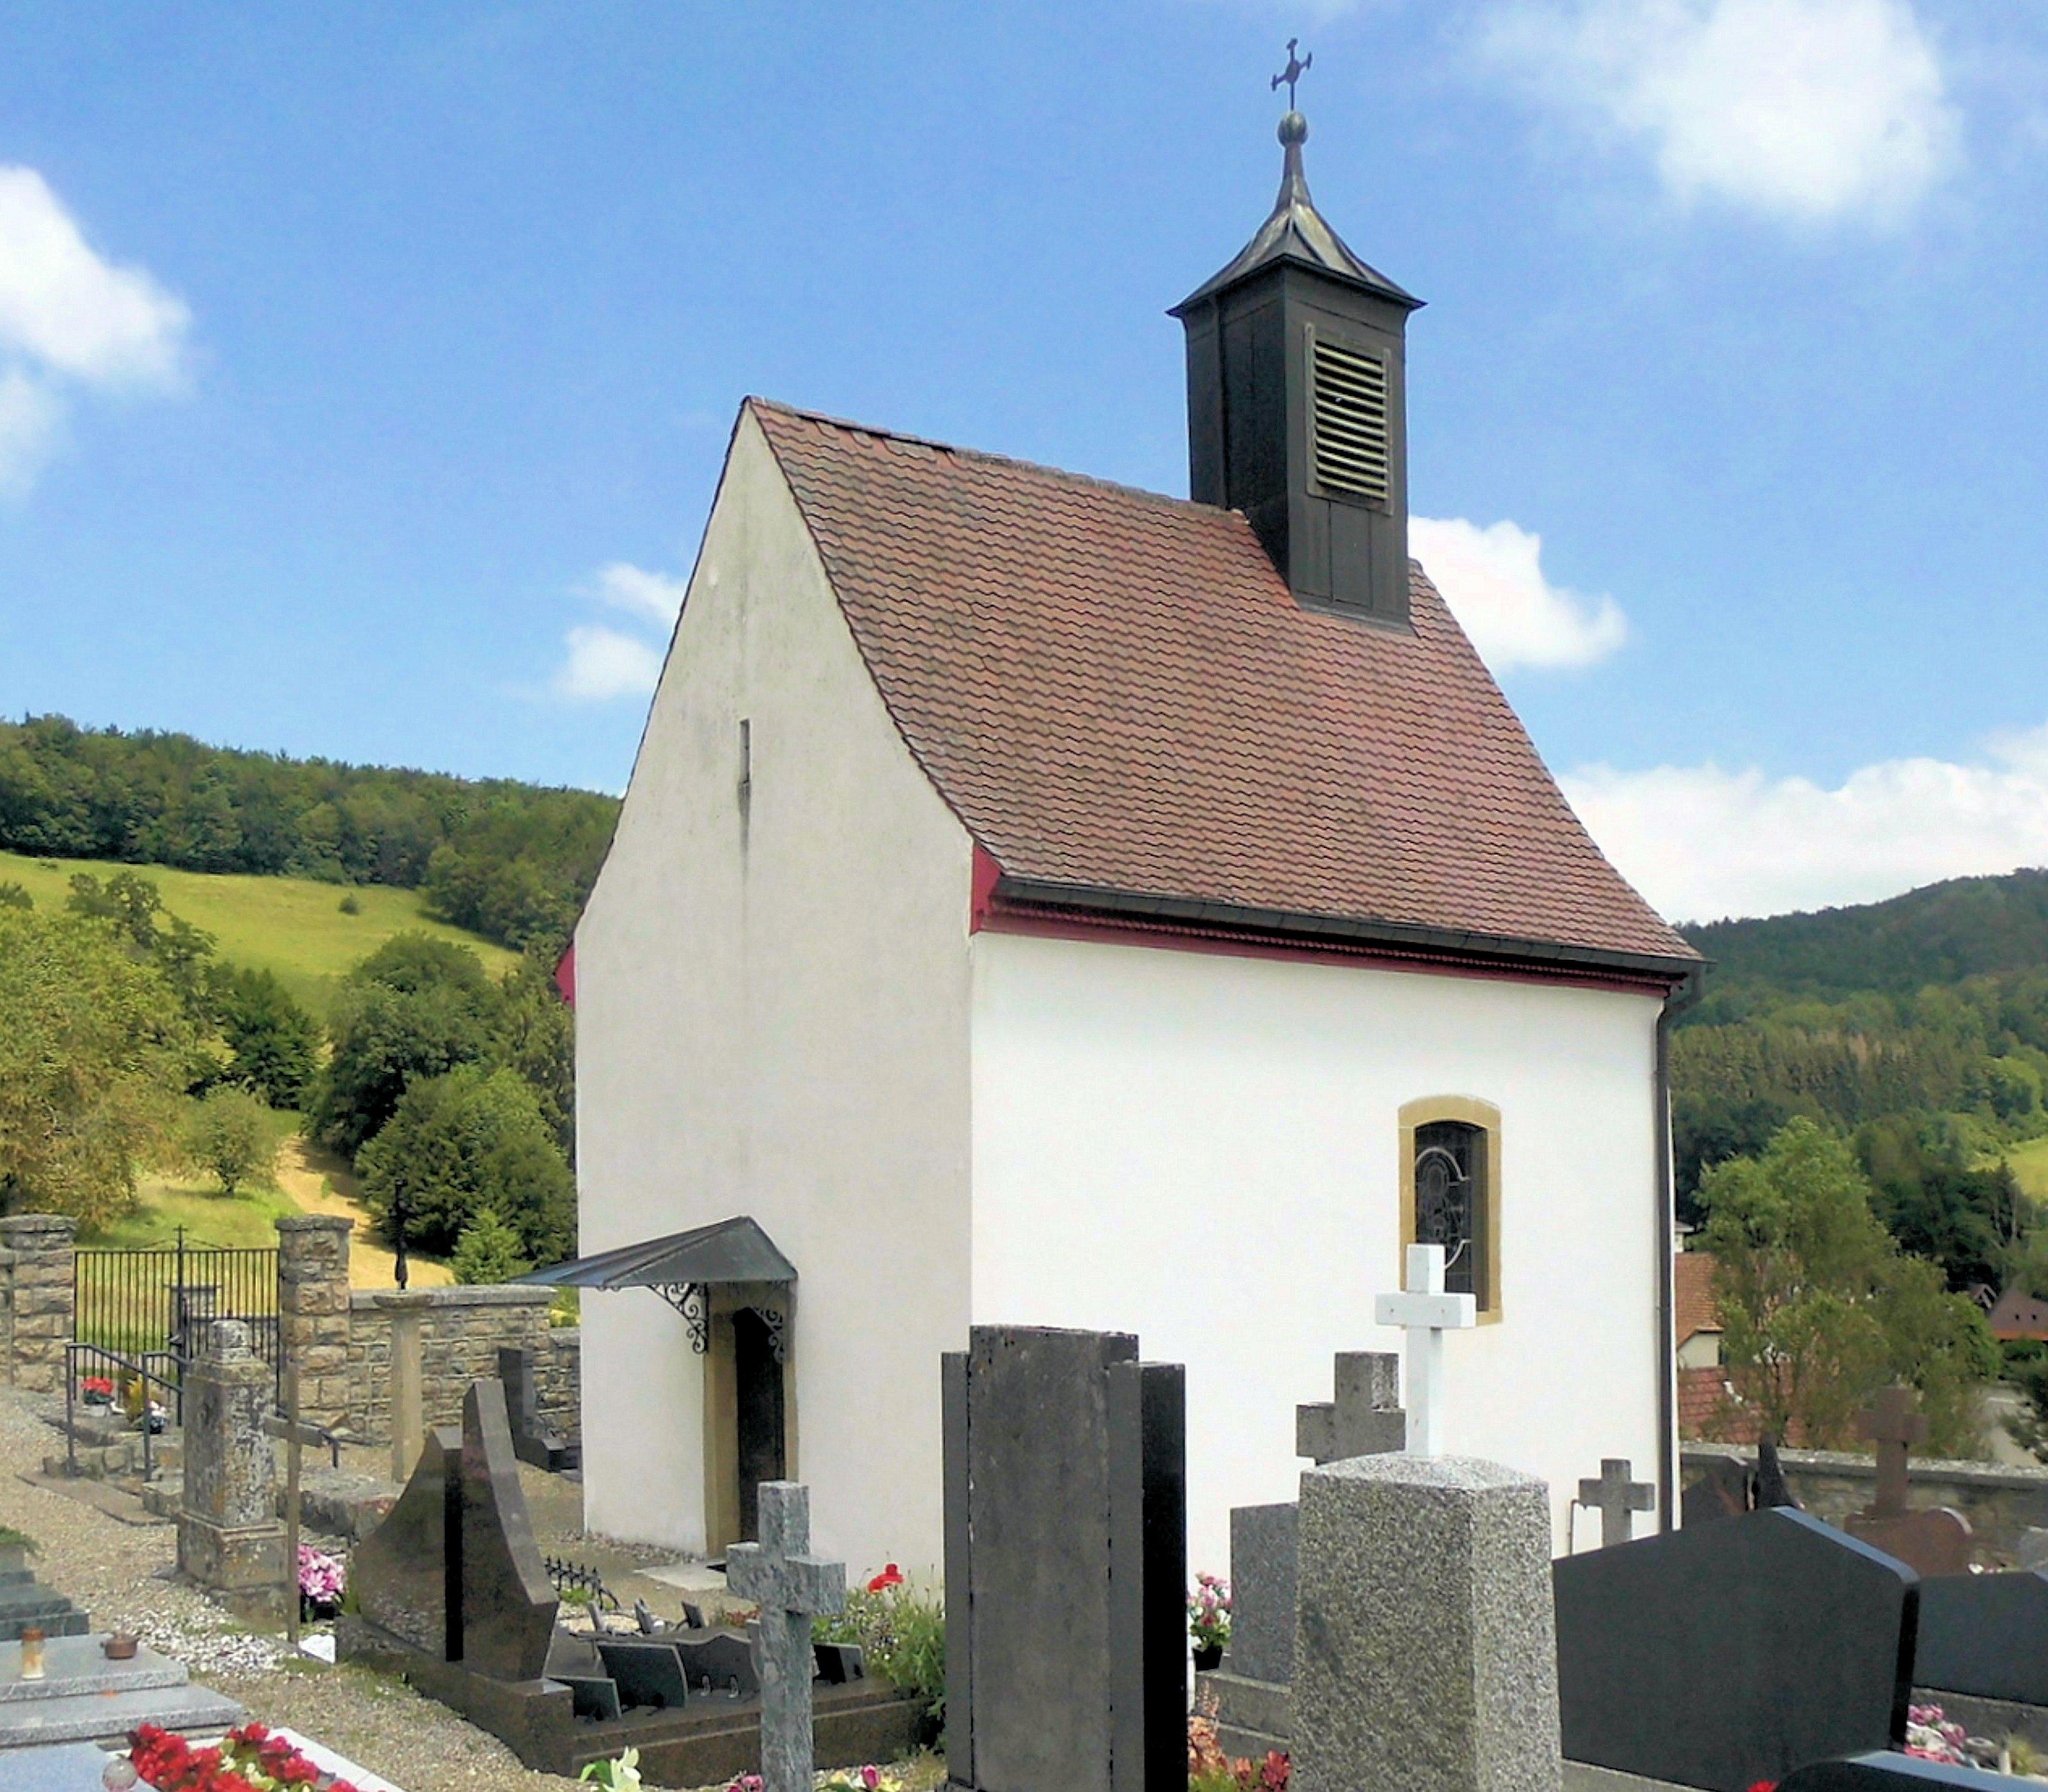 File:Bendorf, Chapelle du Saint-Nom-de-Jésus.jpg